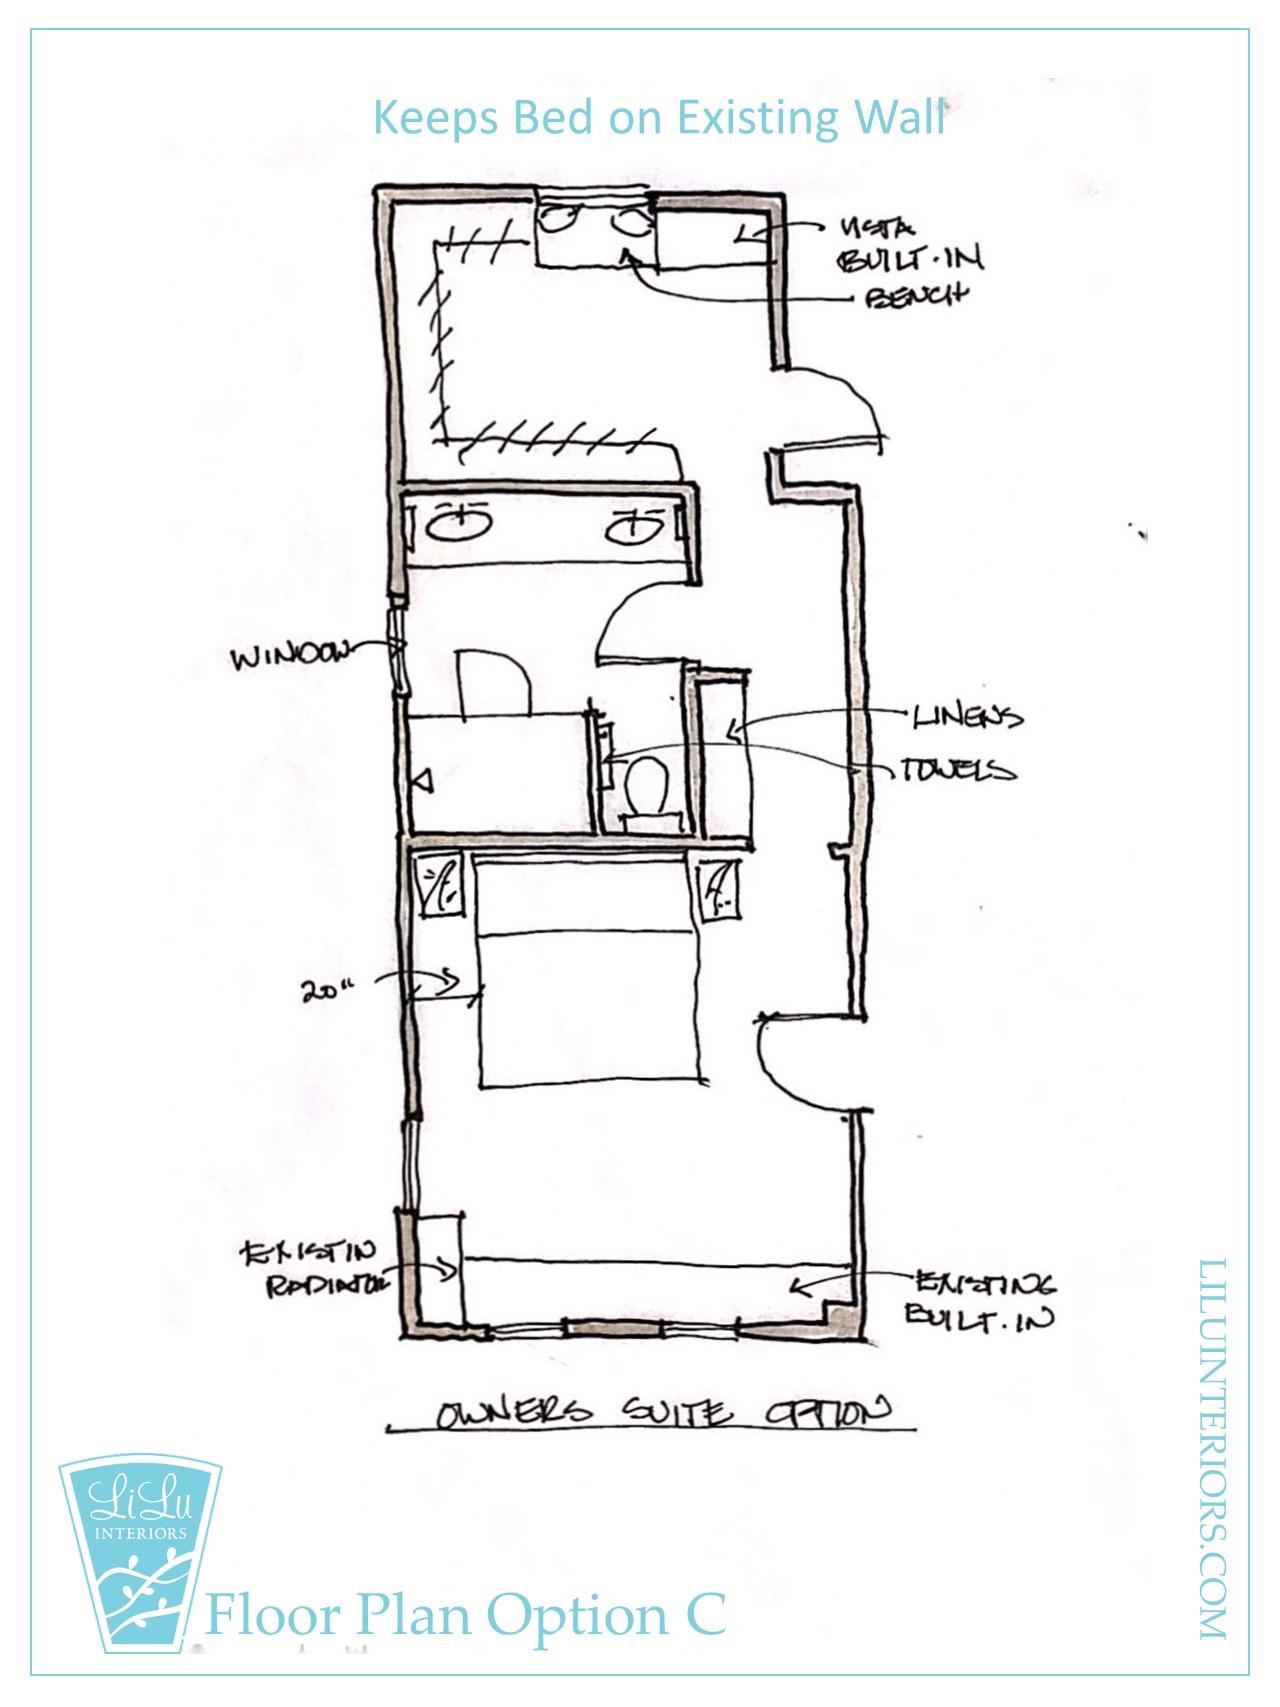 master-bathroom-transformation-interior-design-mpls-55405.jpeg